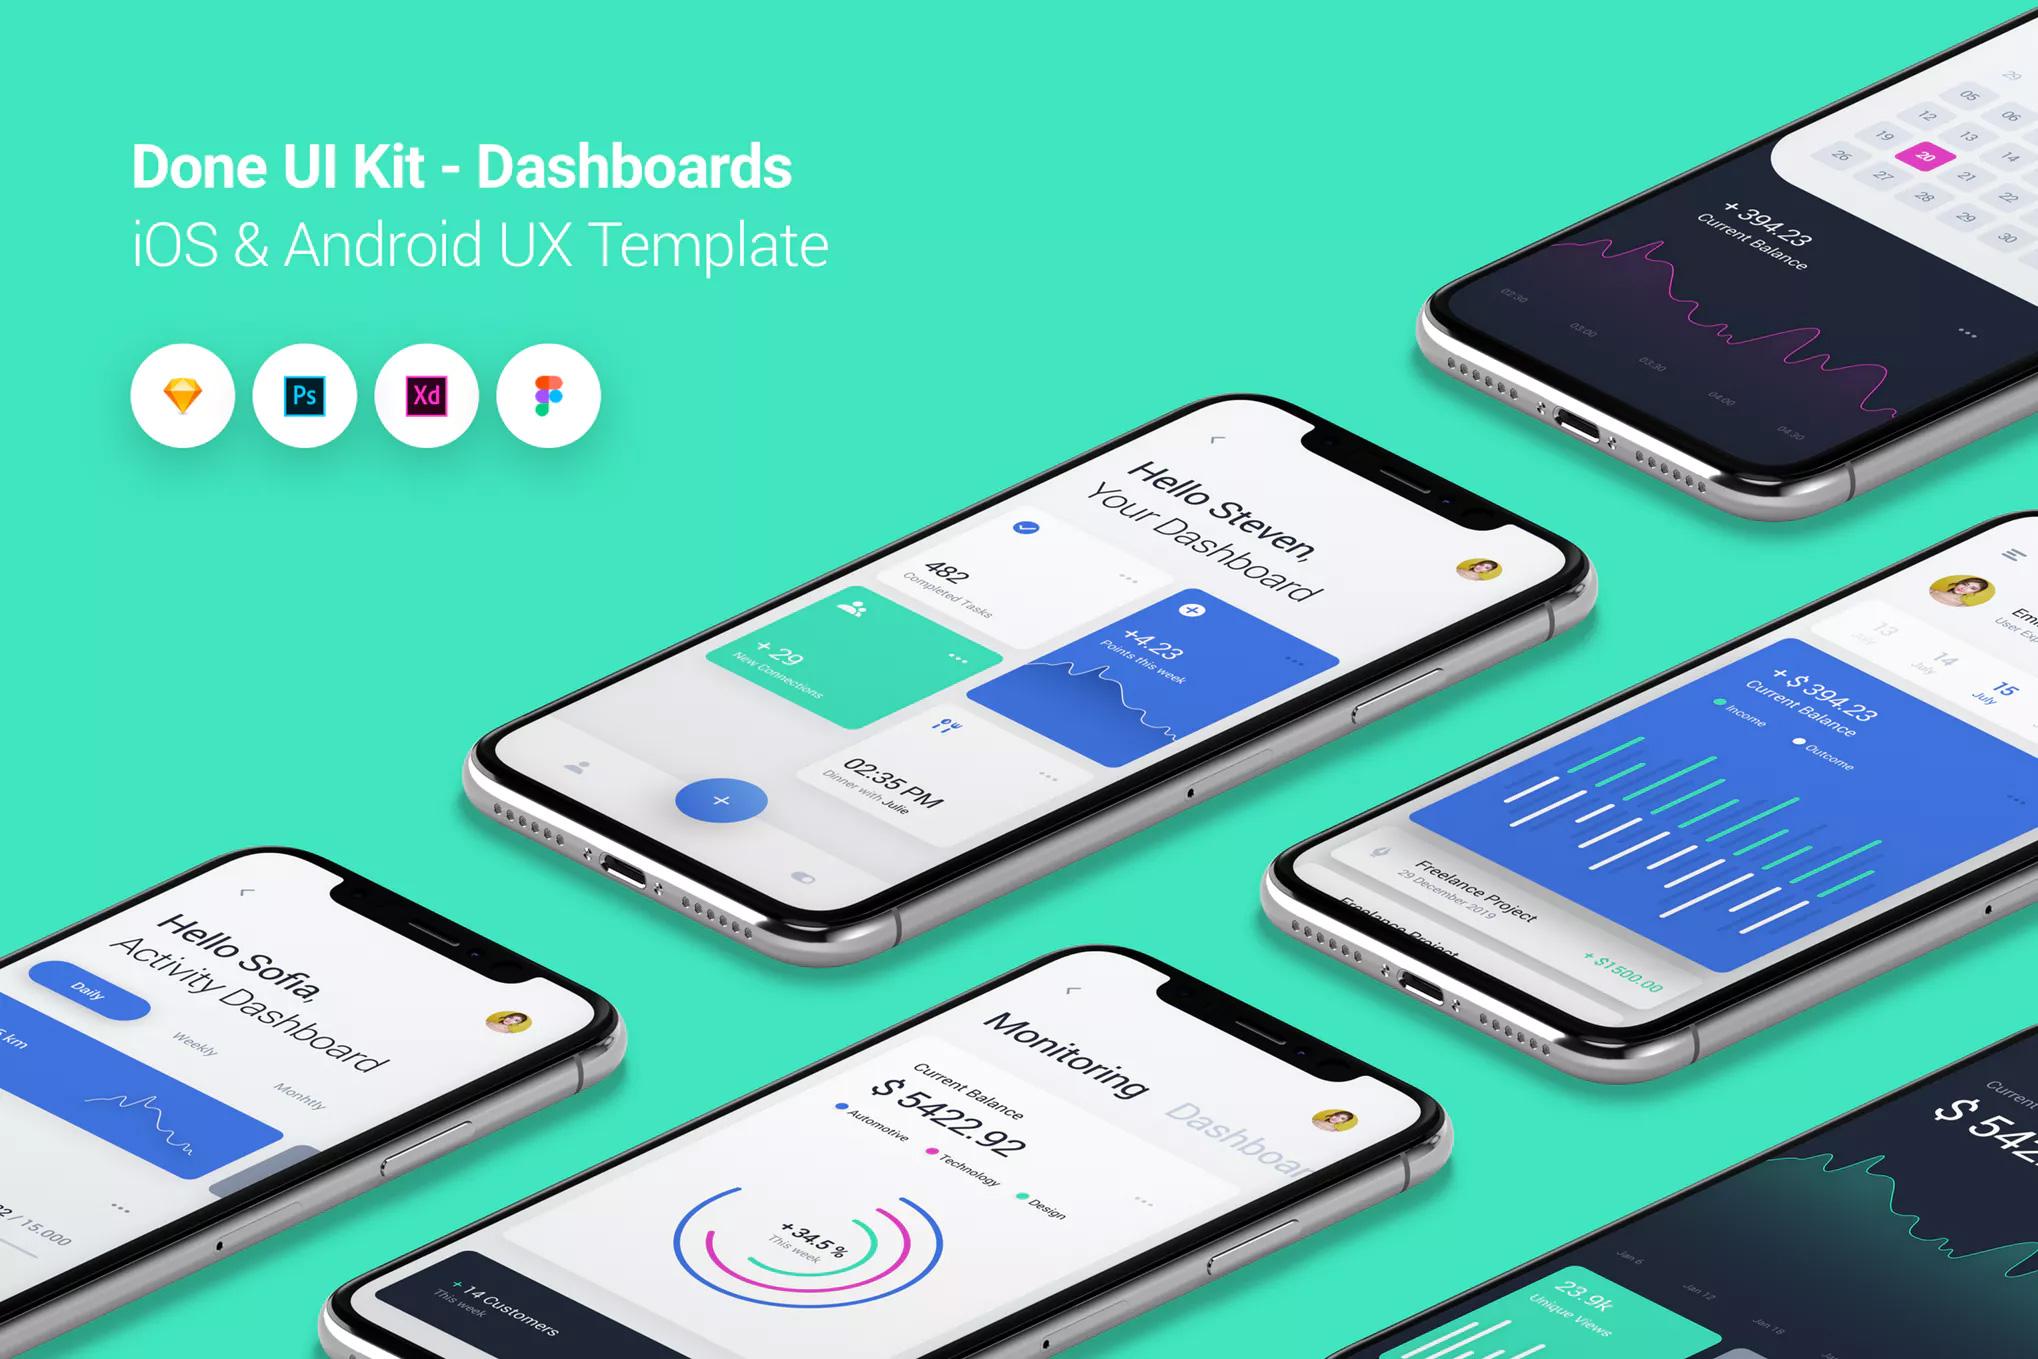 扁平化现代简约IOS12风格移动端数据分析UI  Done UI Kit - Dashboards by PanoplyStore